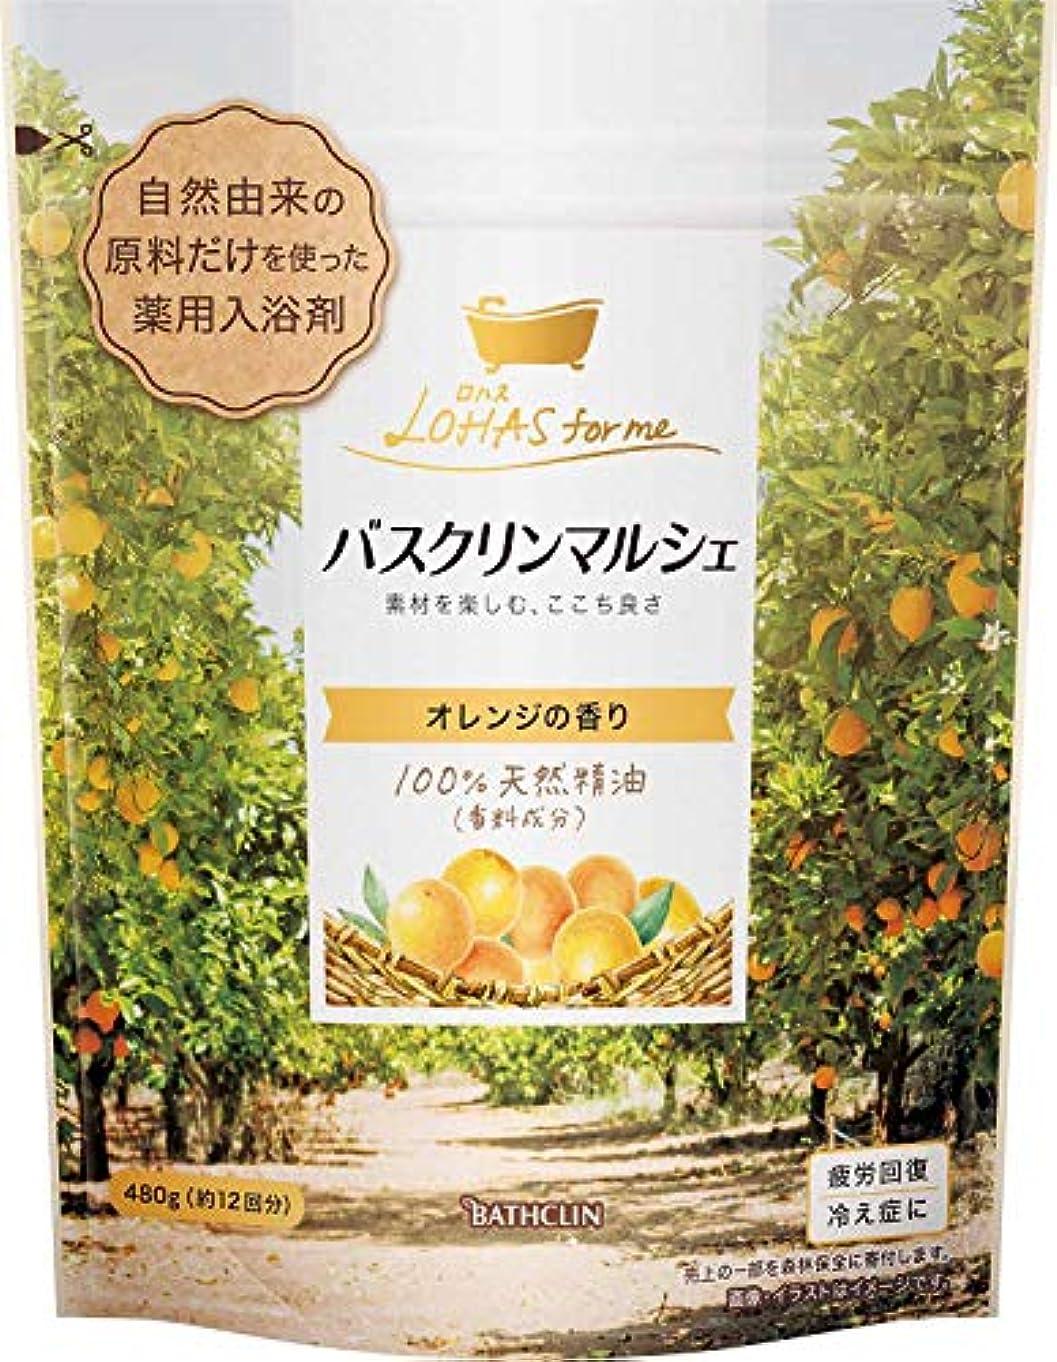 転送同時直径【医薬部外品/合成香料無添加】バスクリンマルシェ入浴剤 オレンジの香り480g 自然派ほのかなやさしい香り